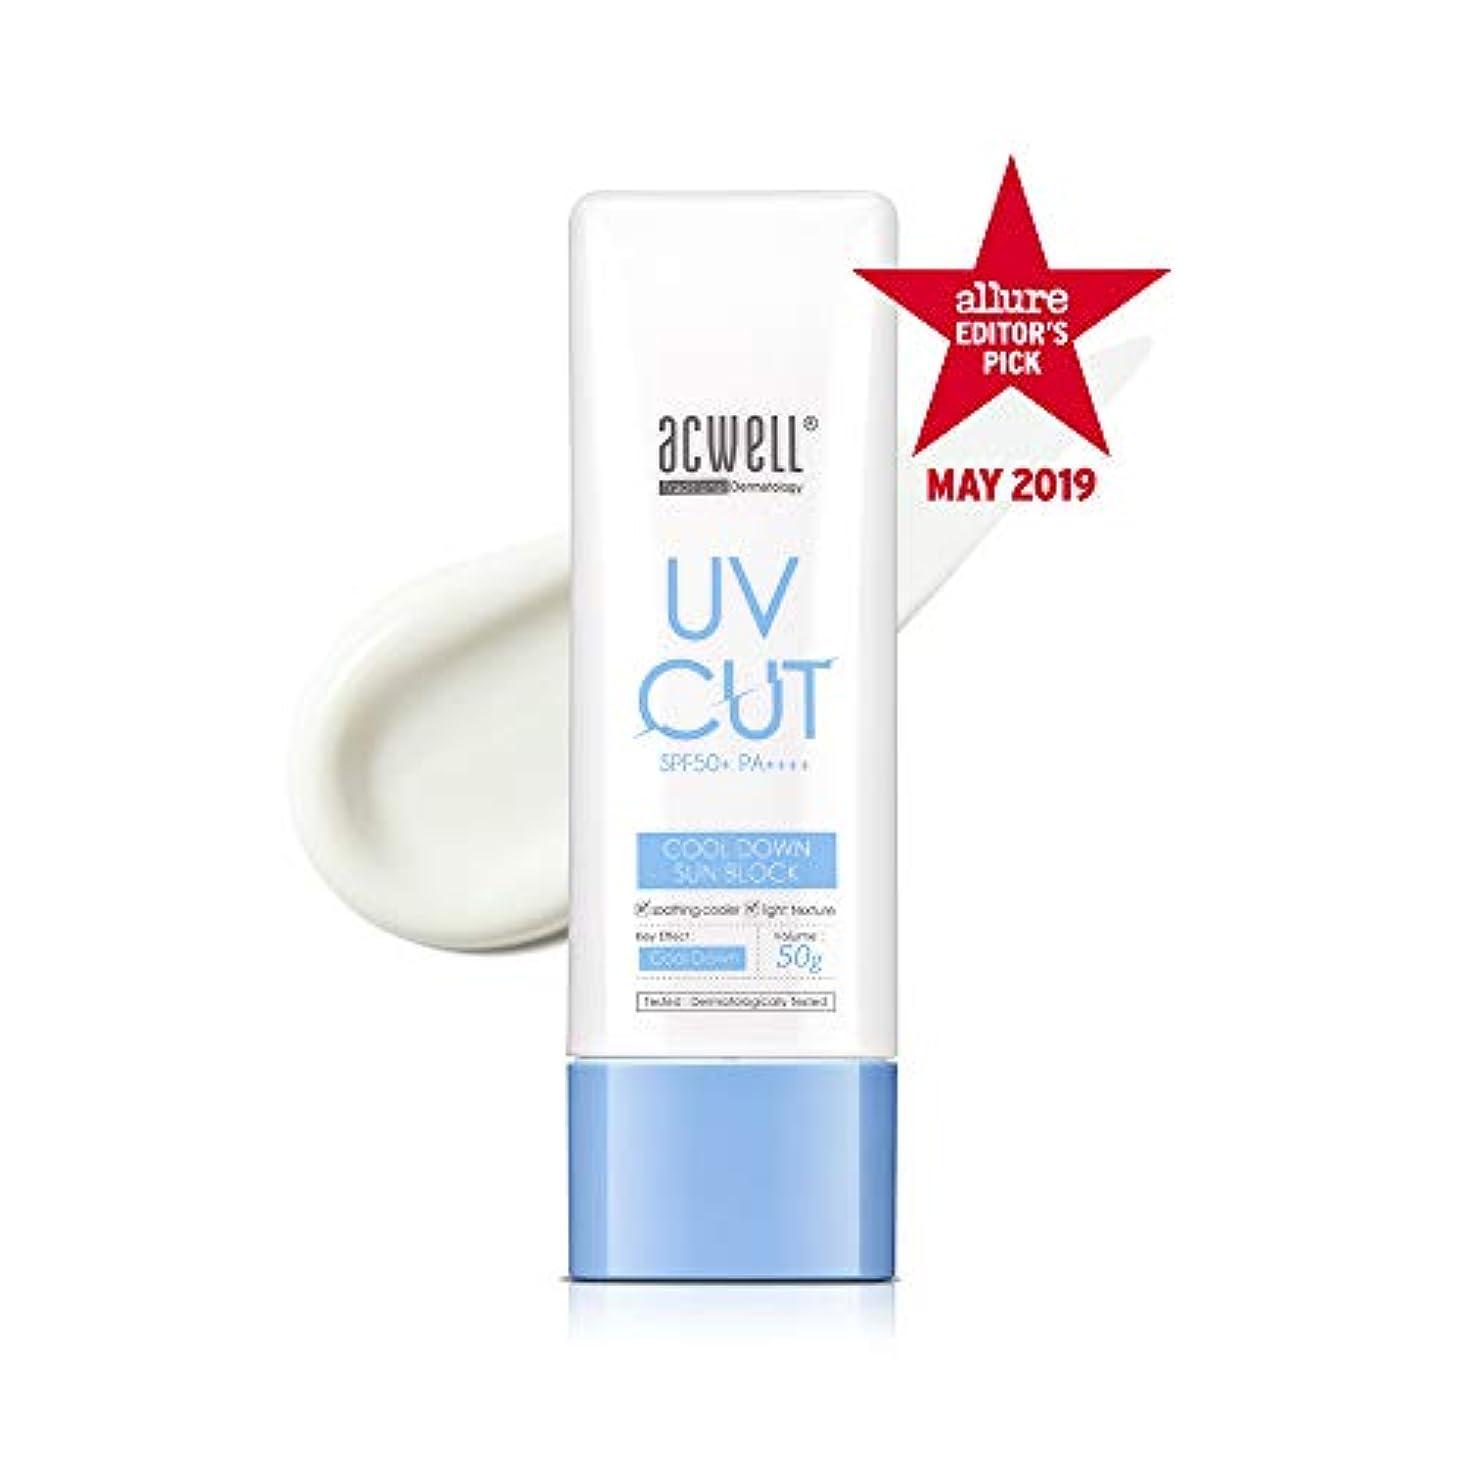 悪い映画反抗アクウェル ACWELL UV Cut Cool Down Sun Block クールダウン サンブロック 50g, SPF50+ PA++++ [Made in Korea]